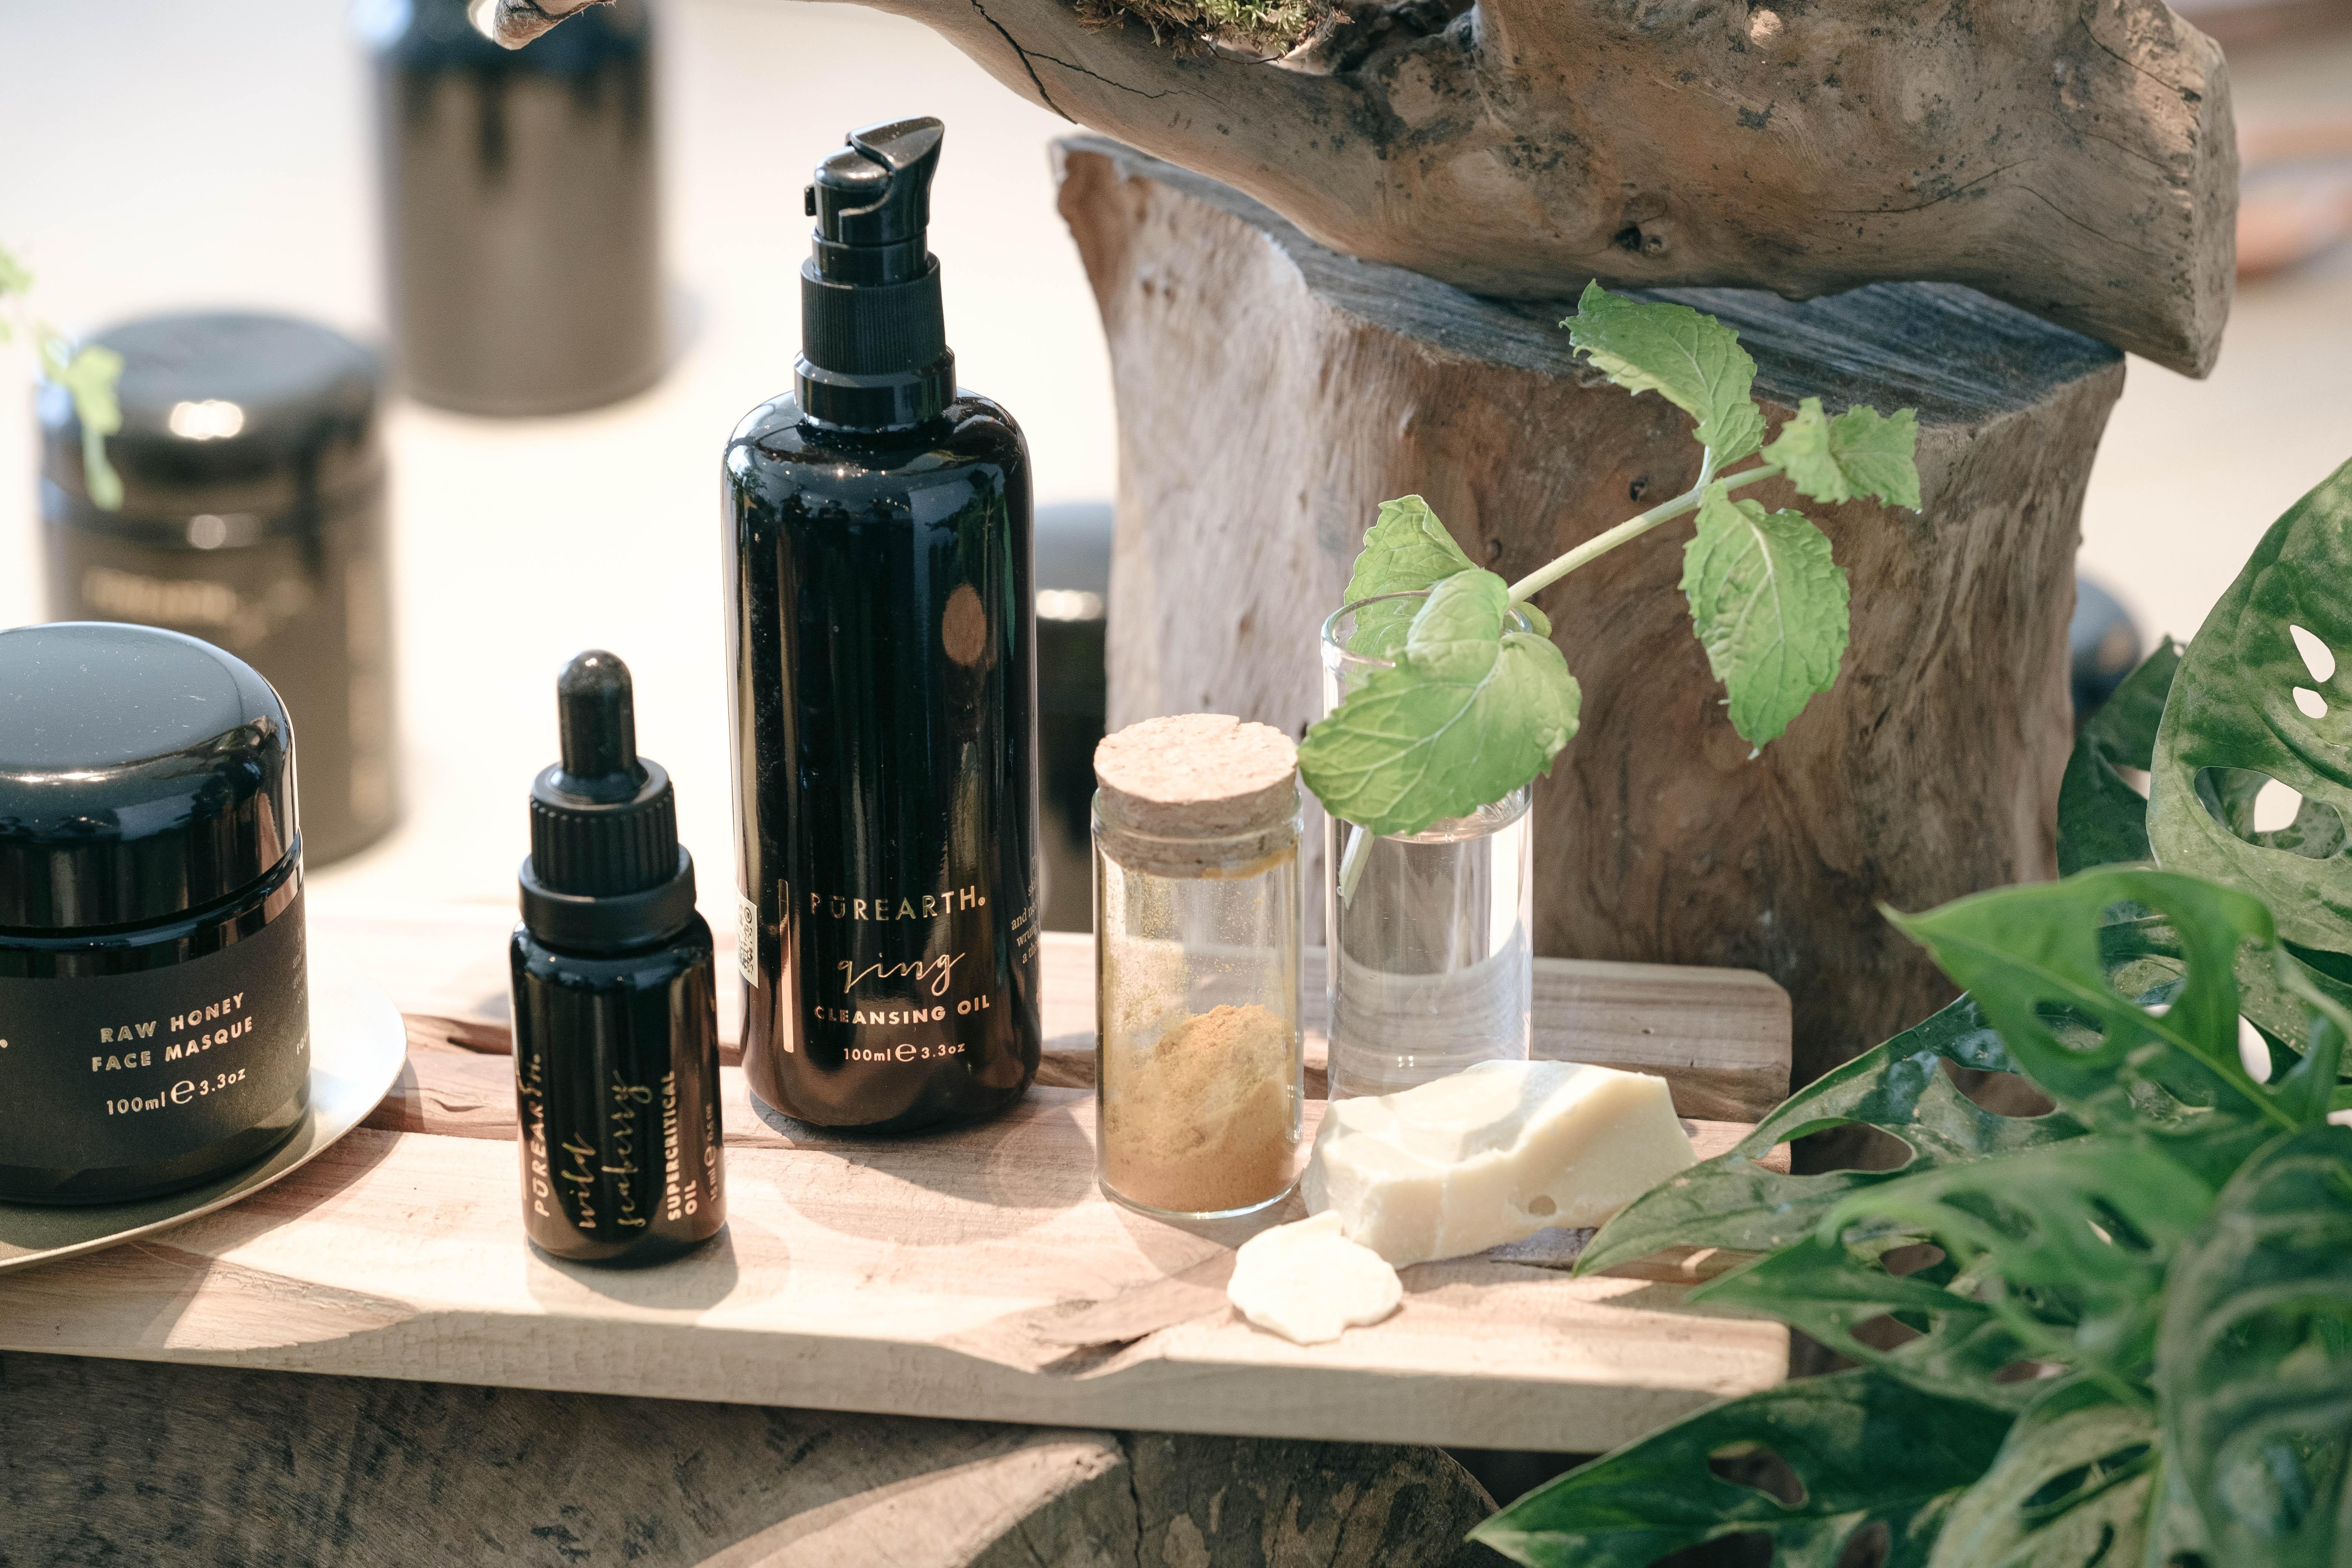 (左起) Purearth Raw Honey Face Masque $700/100ml|Purearth Wild Seaberry Supercritical Oil $310/15ml|Purearth Ging Cleansing Oil $630/100ml